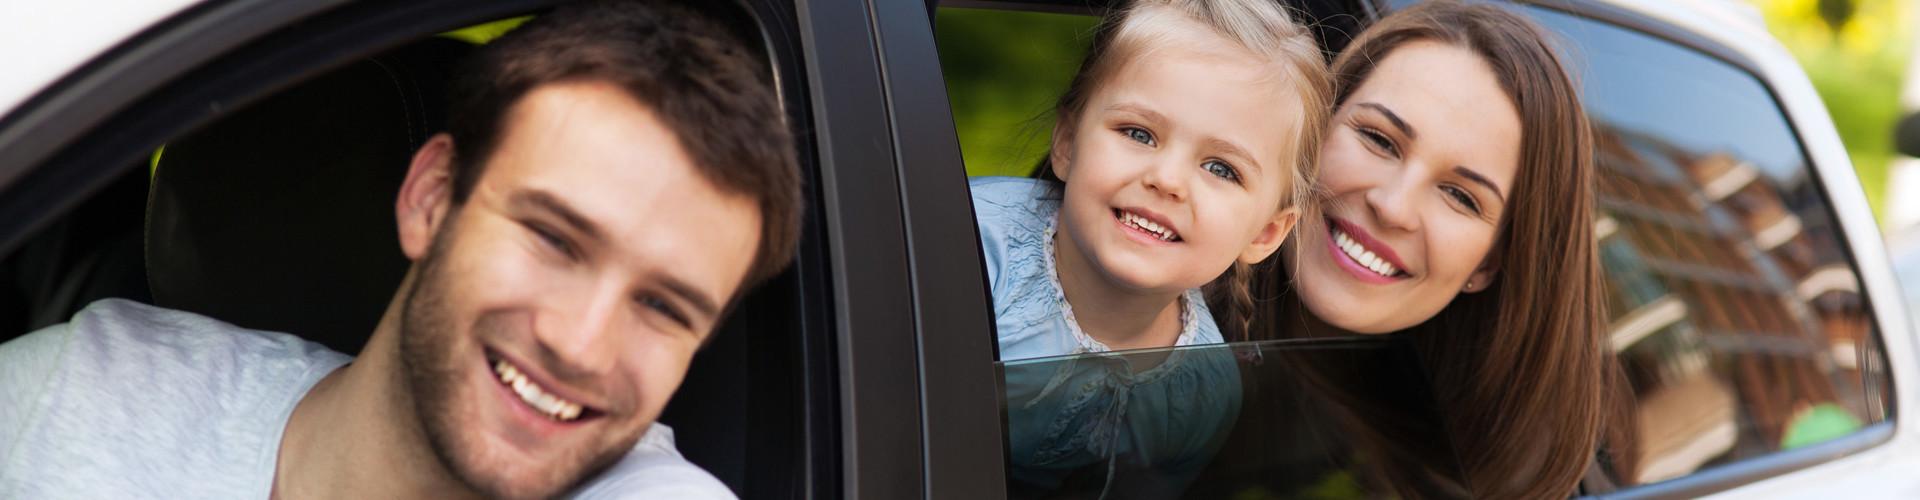 Mann blickt vom Fahrersitz aus dem Fenster eines weißen Autos, Frau und Kind blicken aus dem hinteren Fenster. © pikselstock, stock.adobe.com